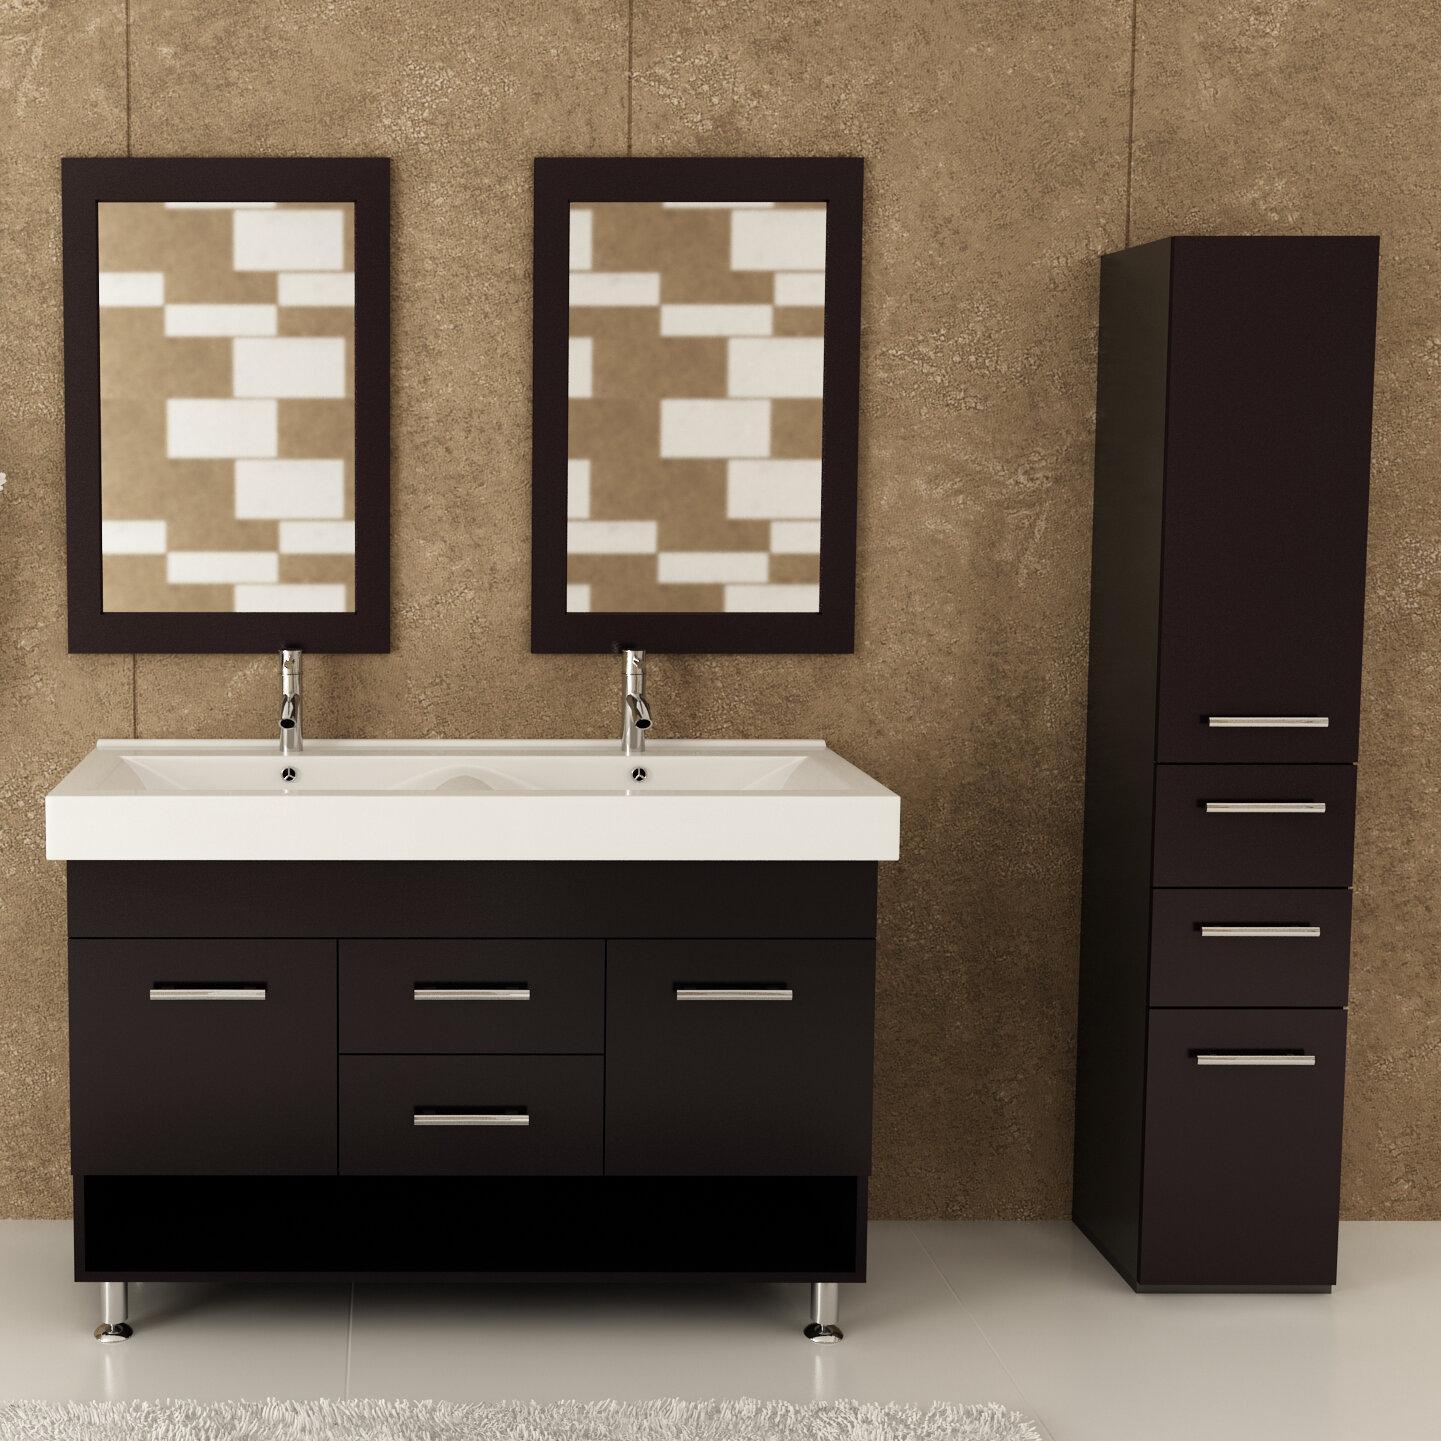 double solid cg sink in charcoal bathroom wmsq grey hd wood hm vincent vicent vanity inch vanities buy